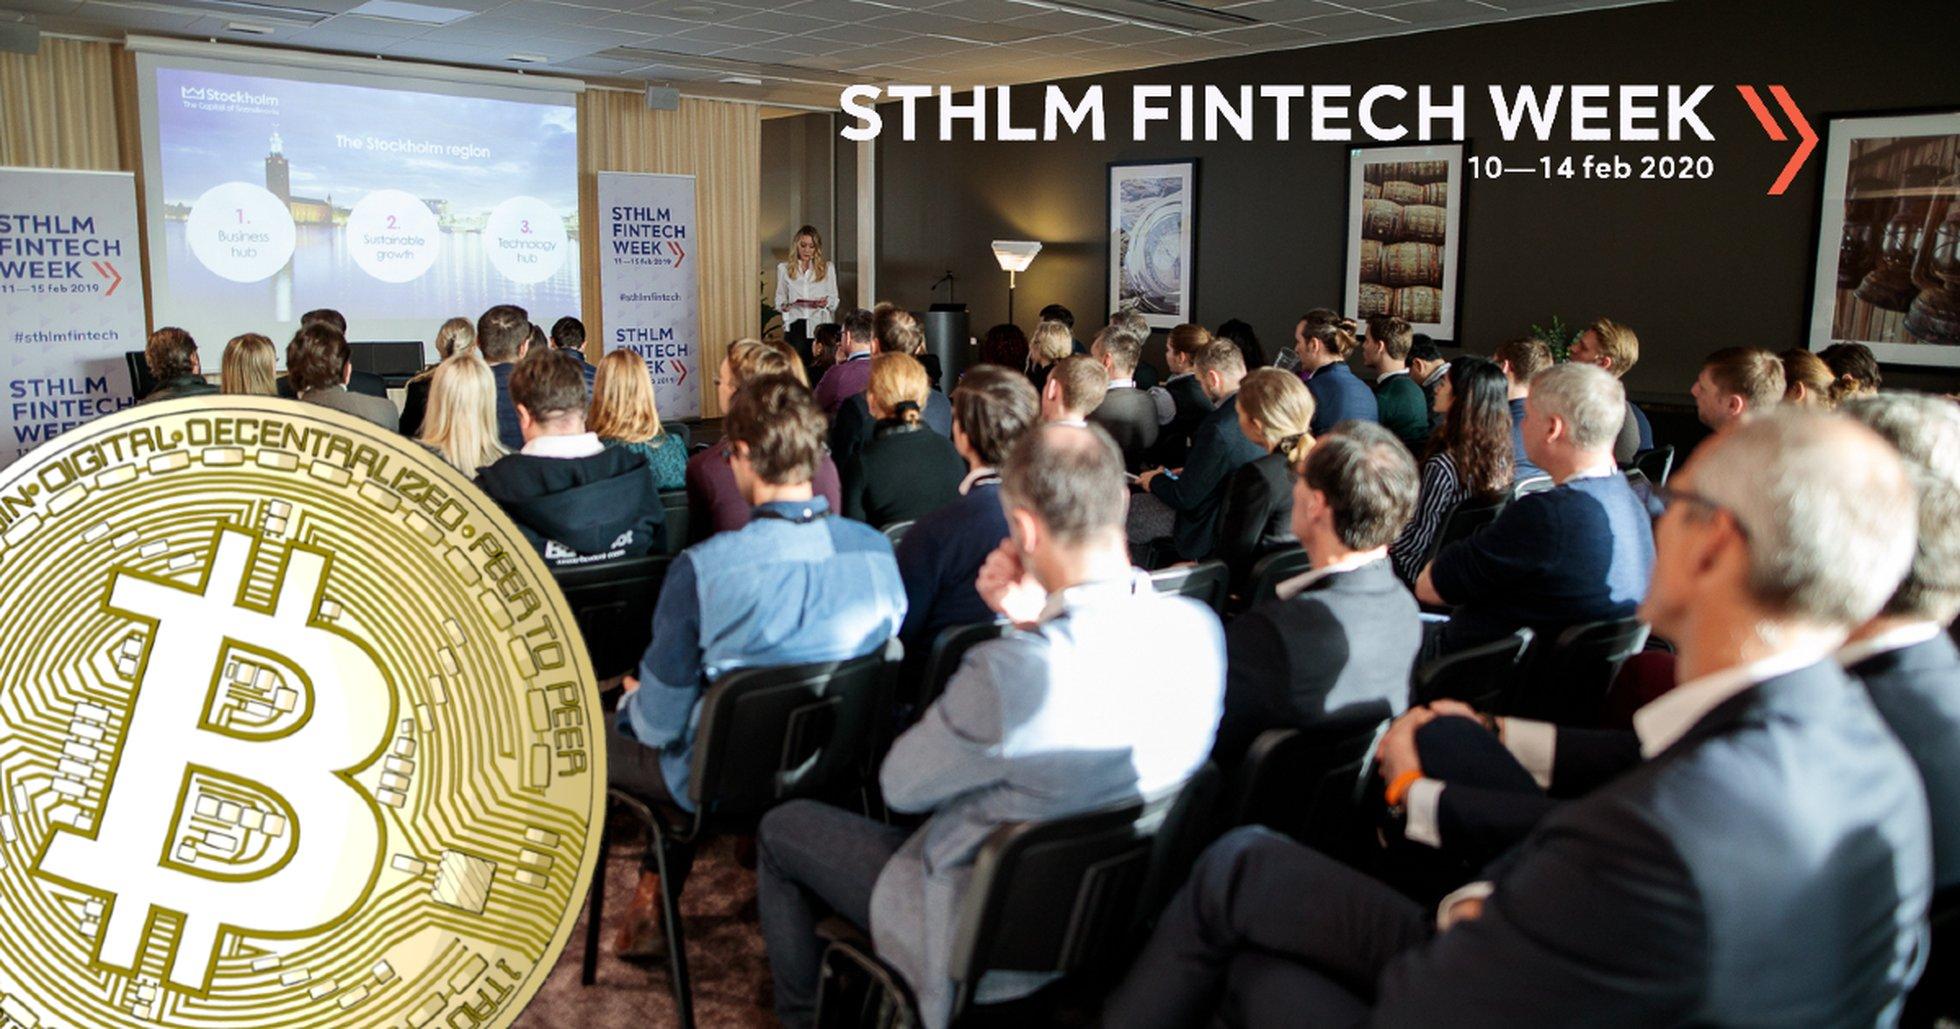 Sthlm Fintech Week satsar på blockkedjetekniken och kryptovalutor.